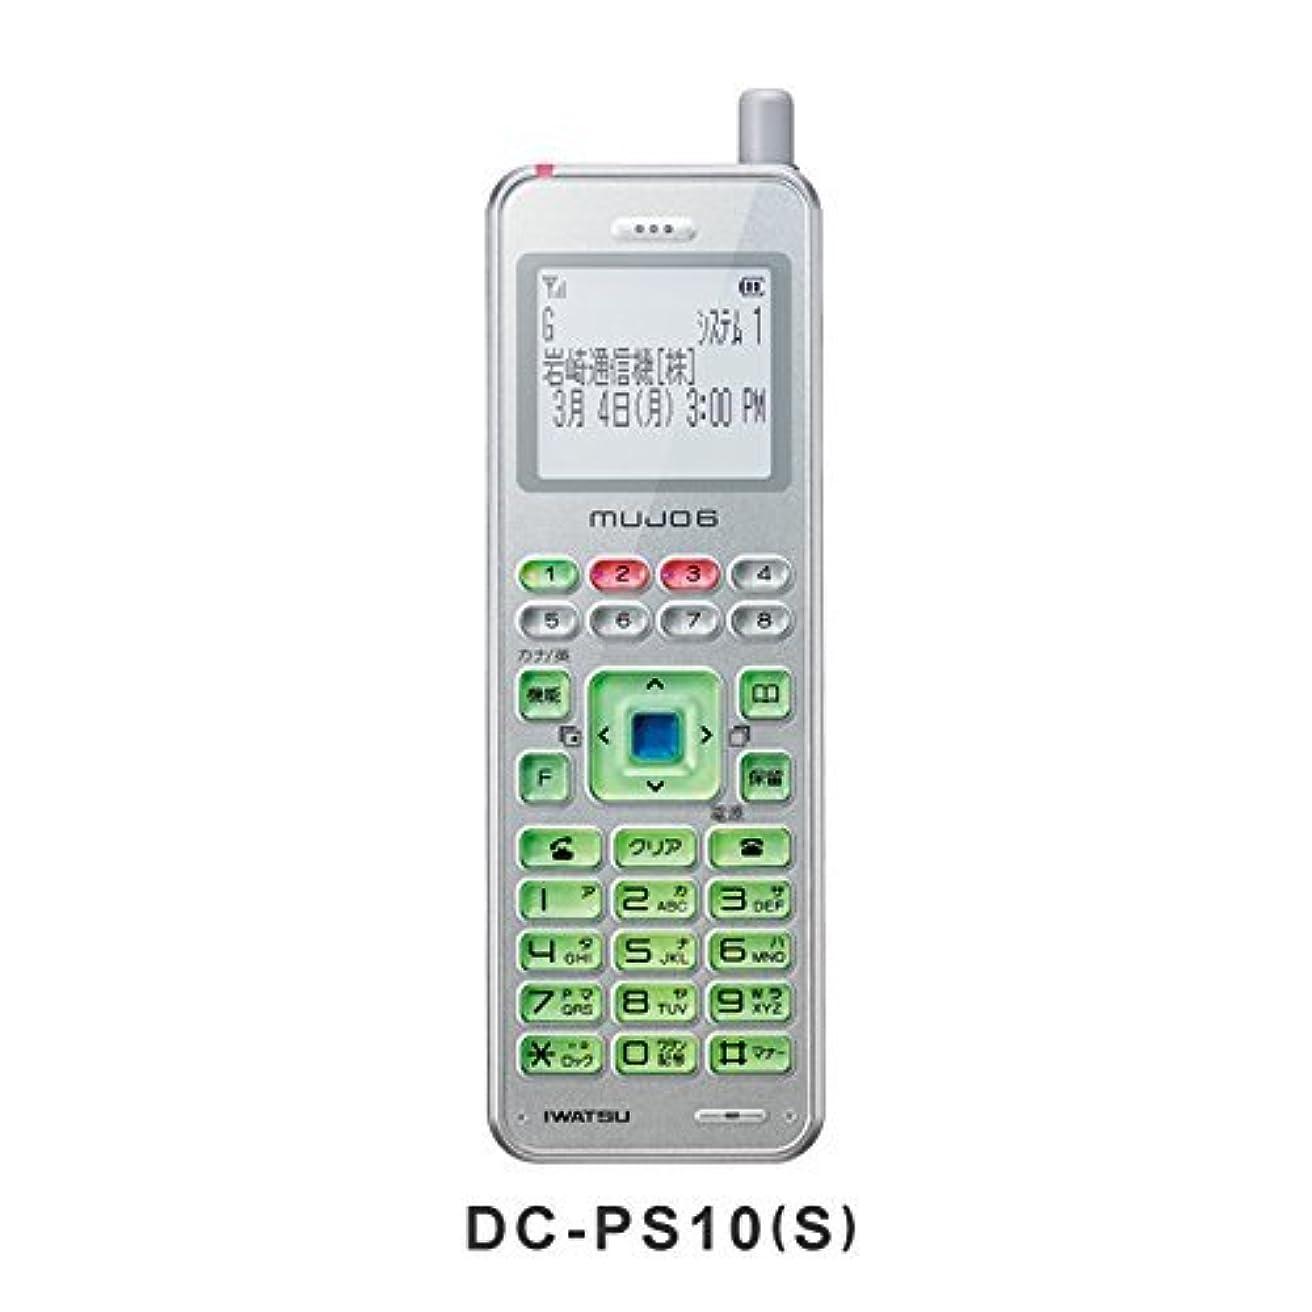 脈拍注釈を付ける恩恵IWATSU MUJO6 DC-PS10(S)シルバー デジタルコードレス携帯タイプ 岩崎通信機